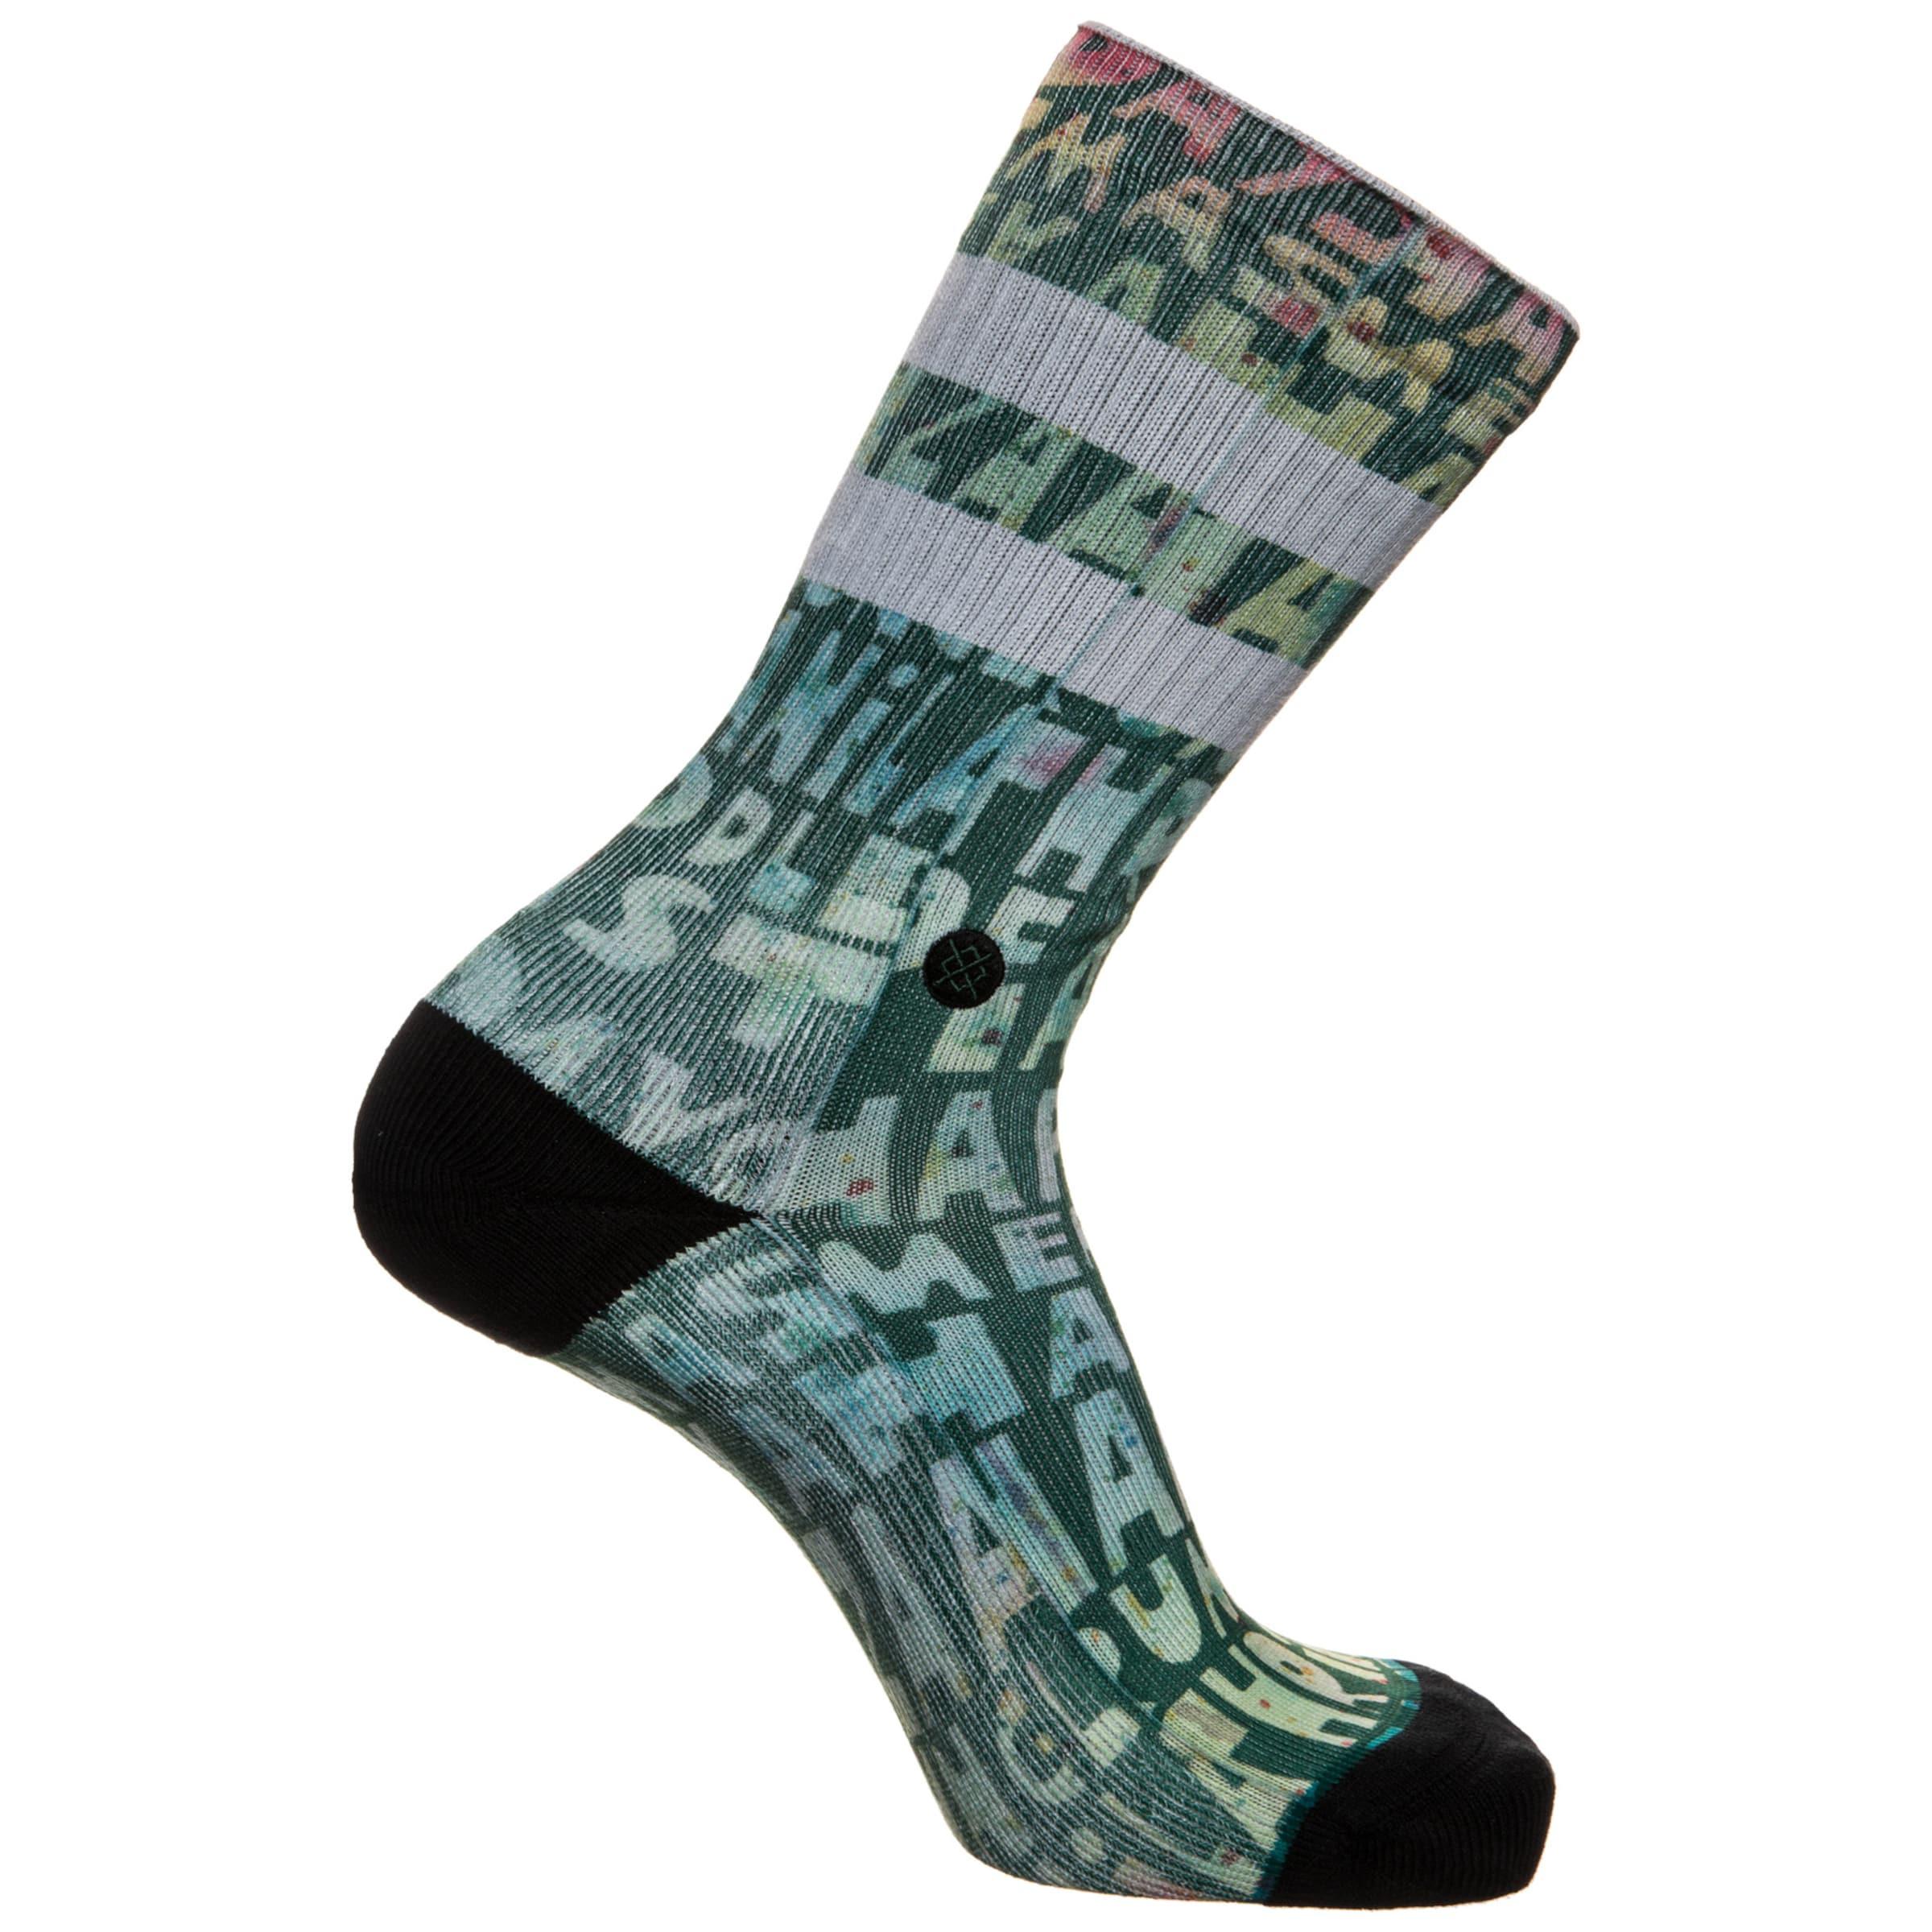 Stance Foundation Lyons Xmas Socken Einkaufen Genießen Rabatt 2018 Neue Ebay Günstig Online Angebote Steckdose Freies Verschiffen Authentische aAgyQs7